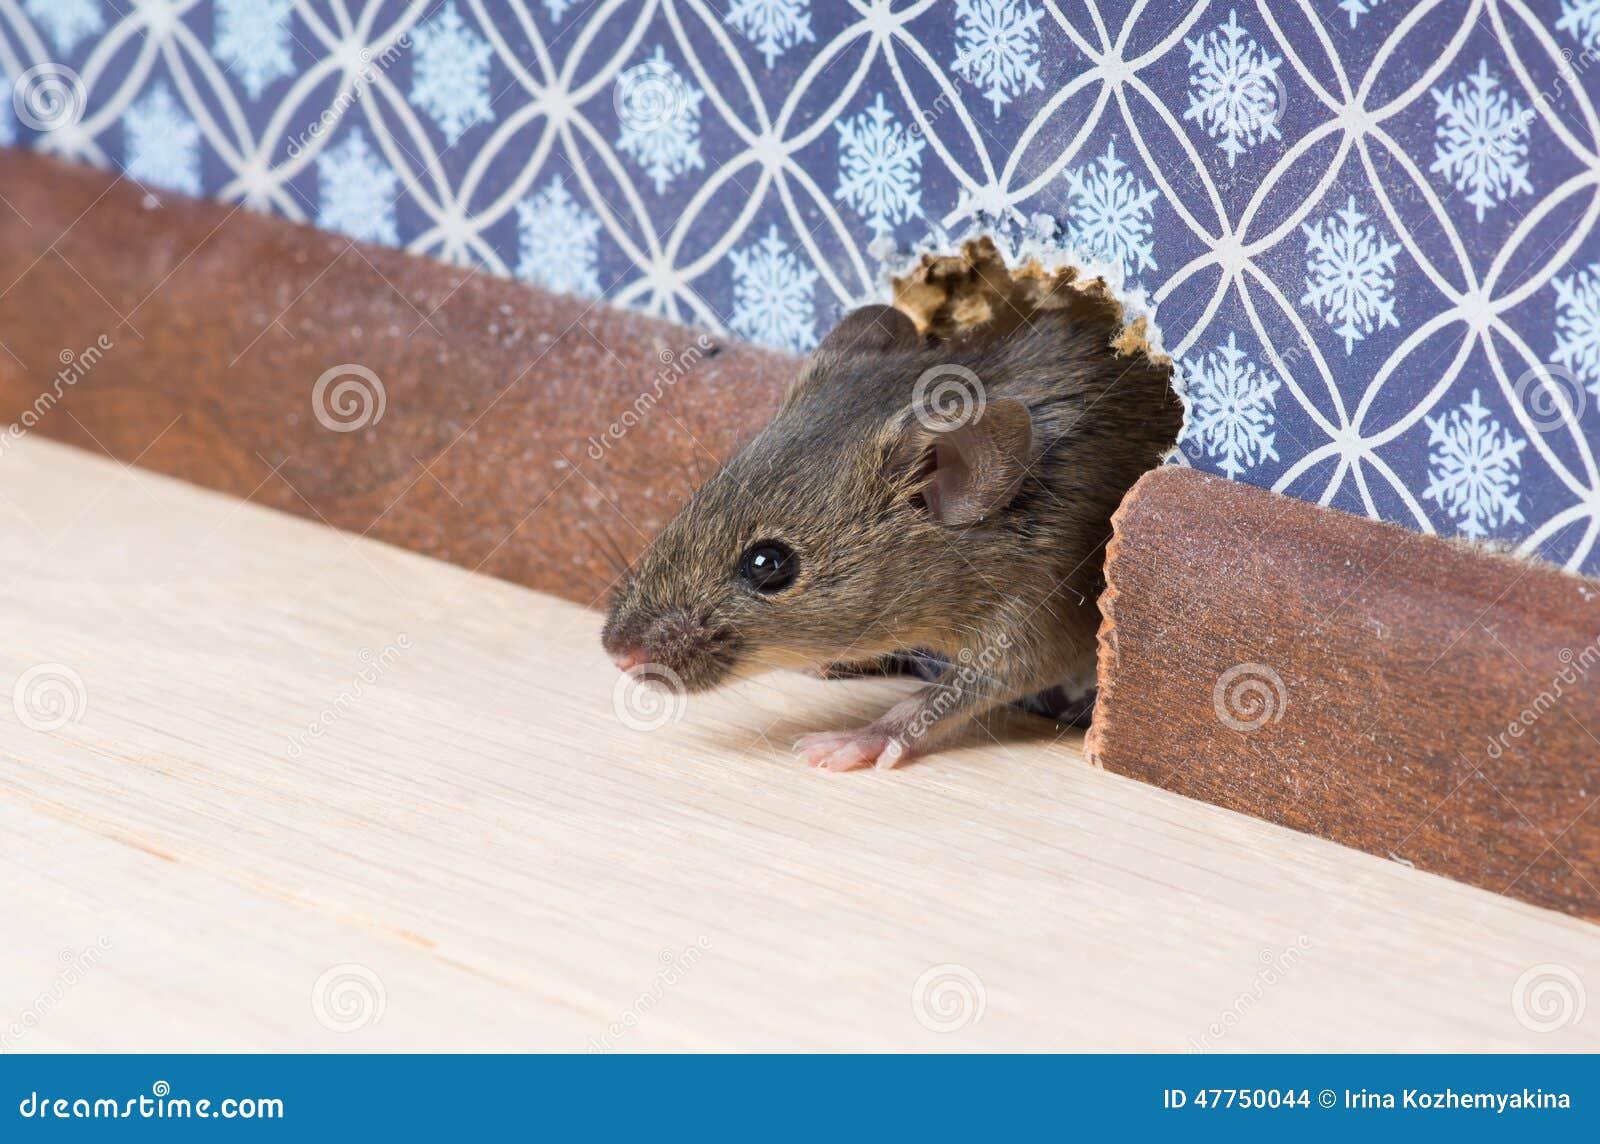 El rat n de casa musculus de mus consigue en el cuarto a trav s de un agujero en la pared foto - Raton en casa ...